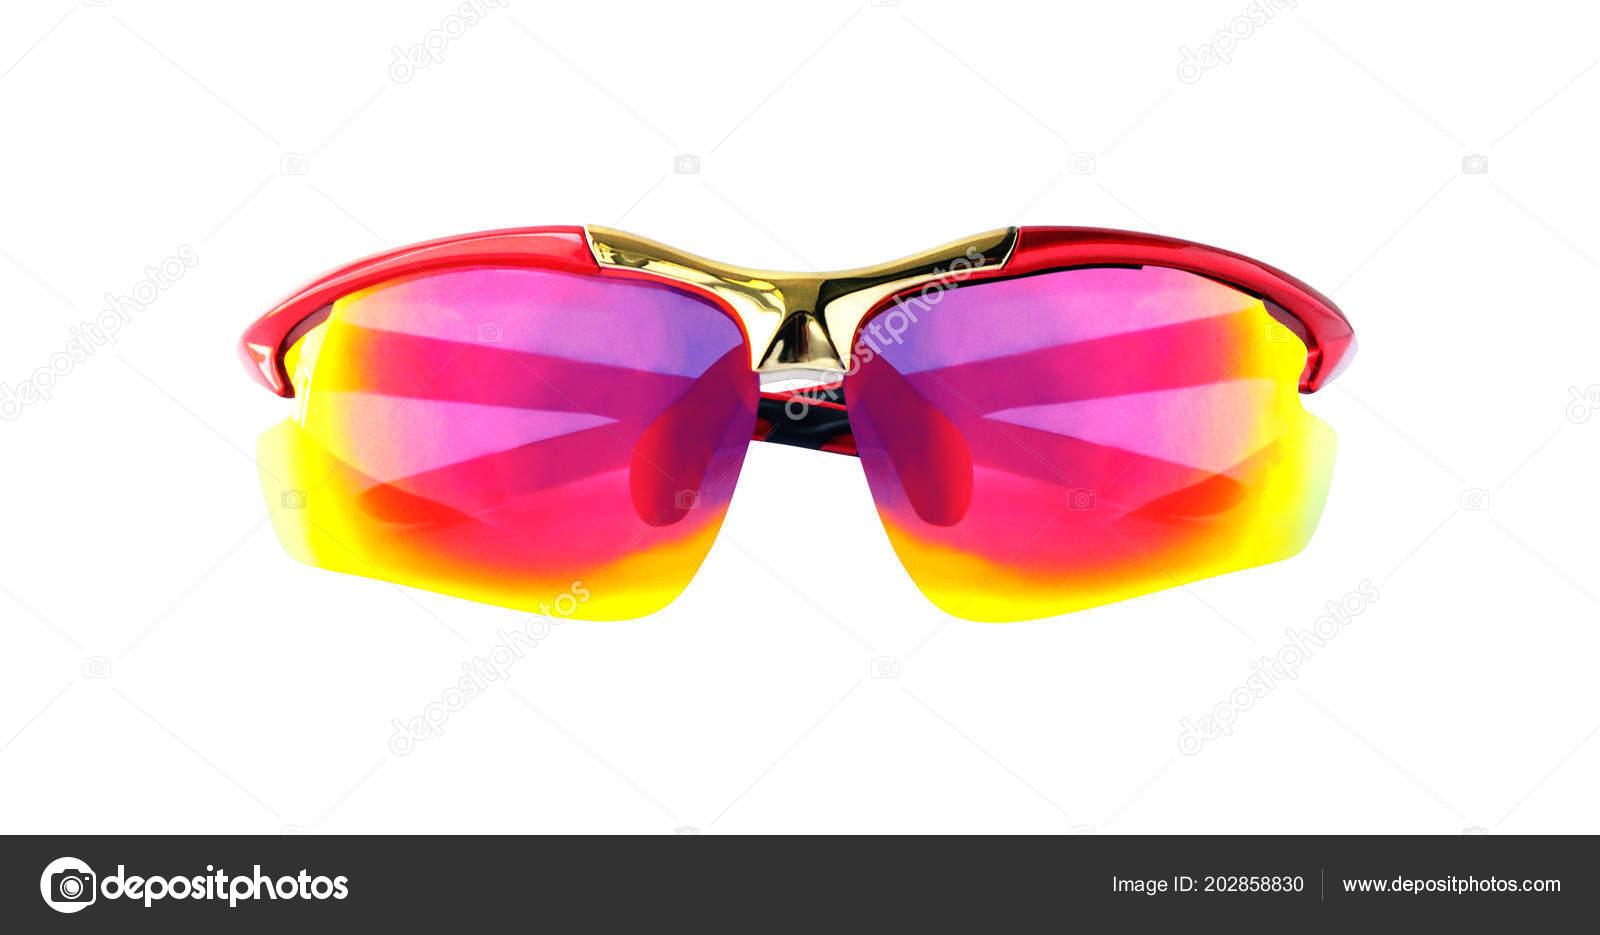 8f5c742858d Occhiali da sole sportivi polarizzati isolati su priorità bassa bianca. Vista  frontale di occhiali protettivi– immagine stock